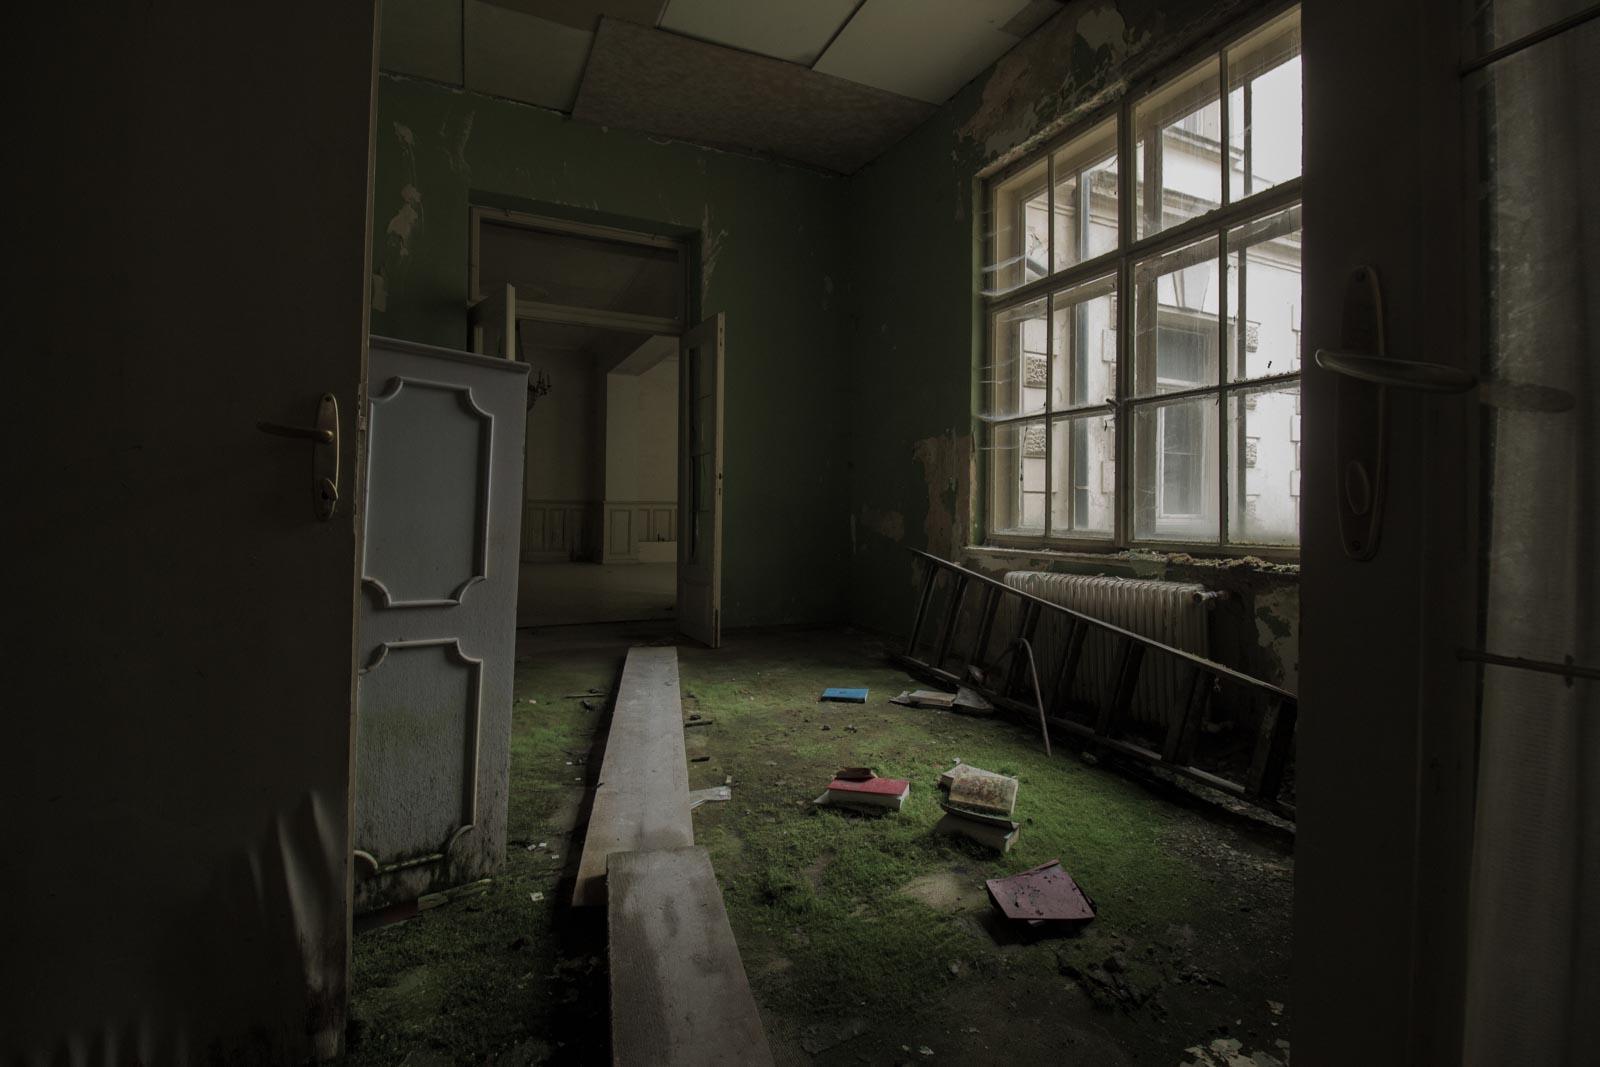 Winnaar fotografiewedstrijd Fotografieles.nl.The Moss Room, een verlaten hotel tussen de prachtige bergen in Oostenrijk. Fotograaf: Marlon Moes.